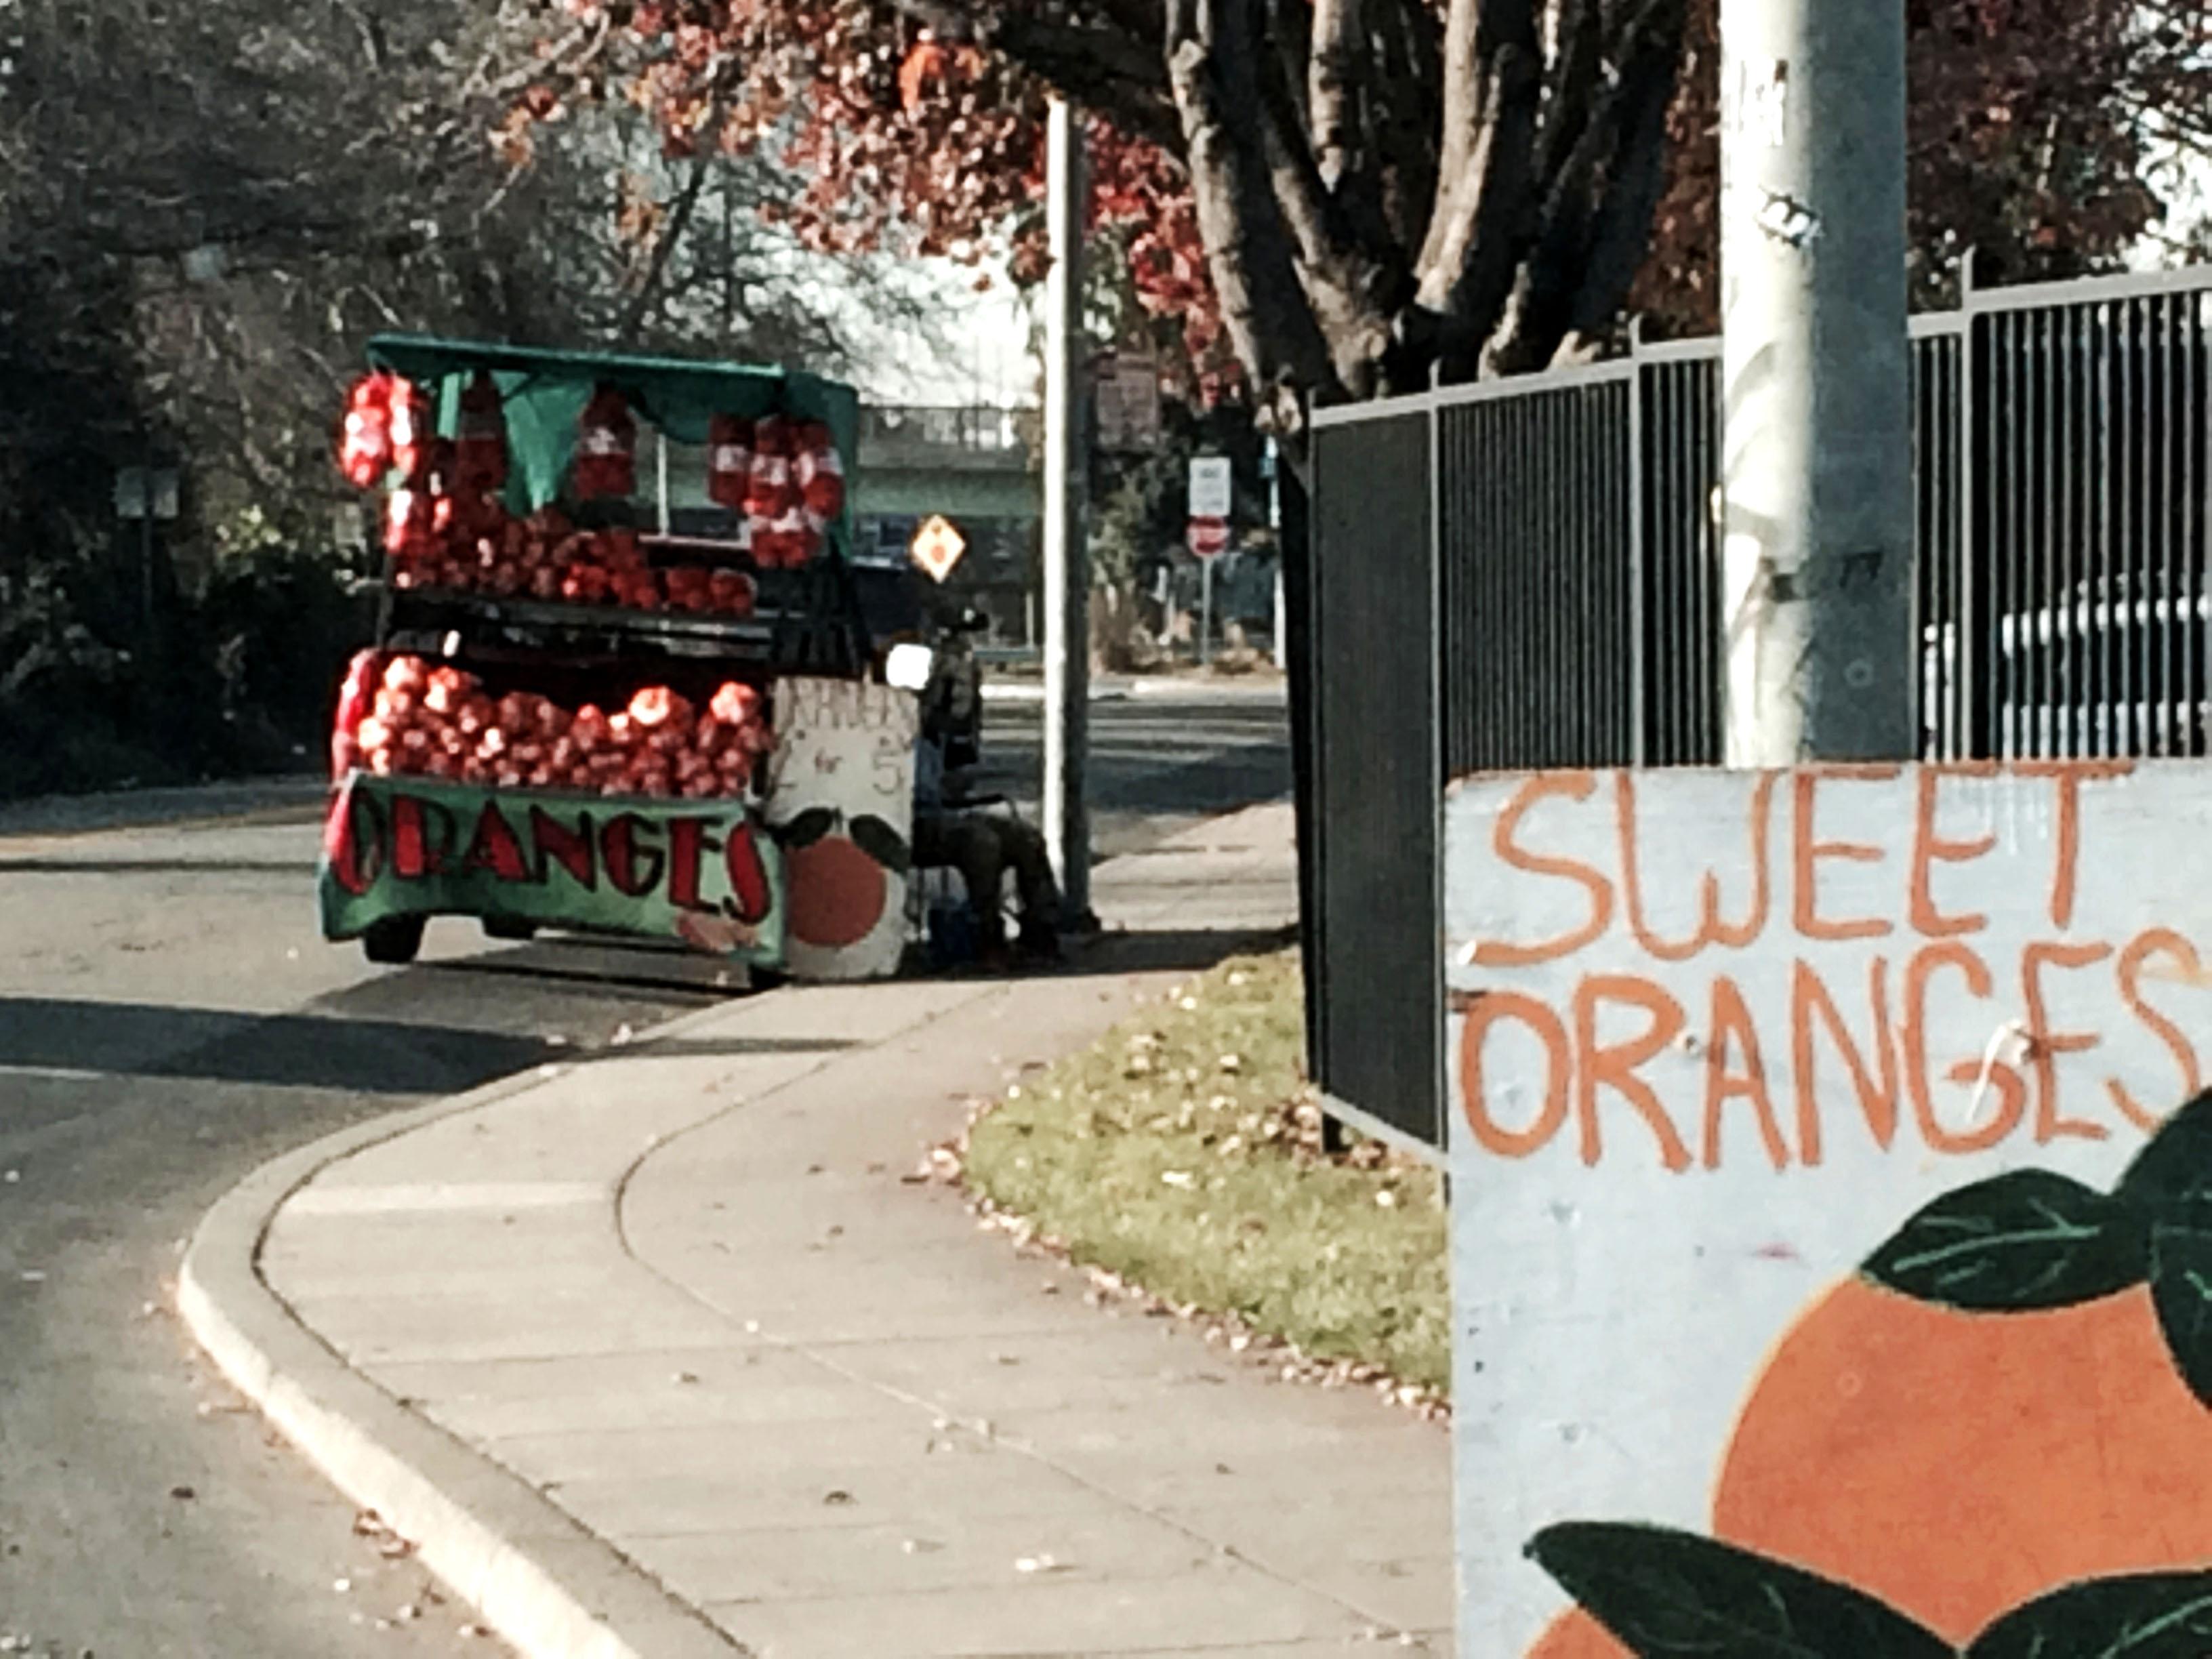 Oranges, Oakland, California